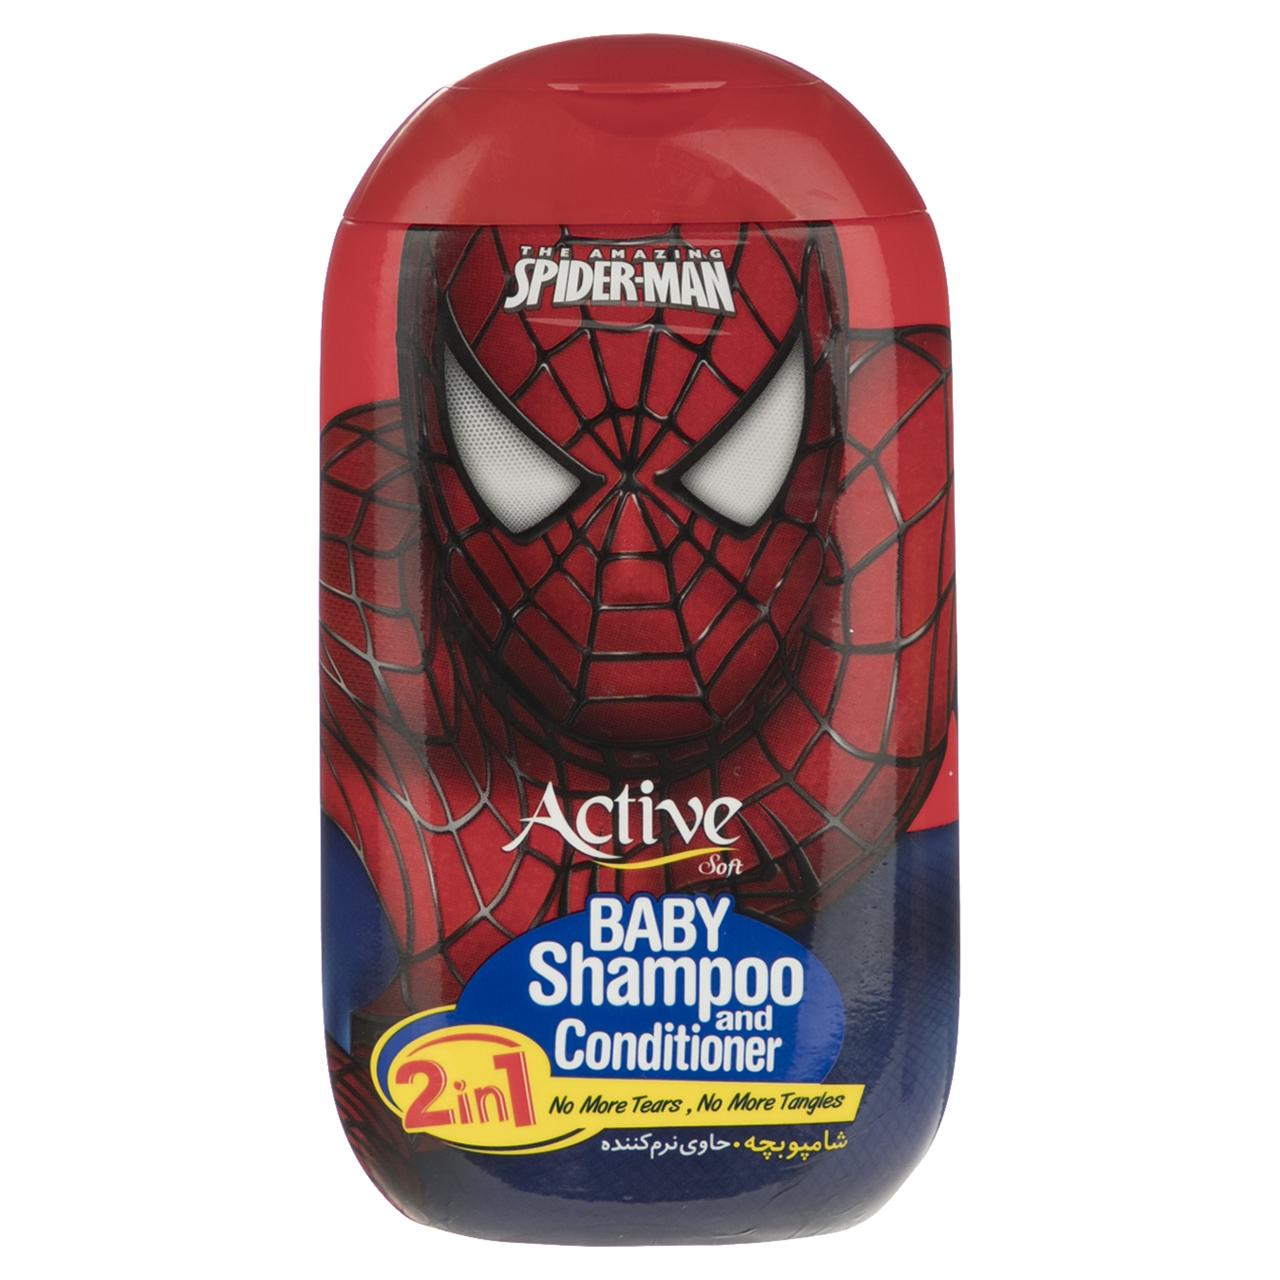 شامپو بچه اکتیو مدل Spider Man مقدار 280 گرم